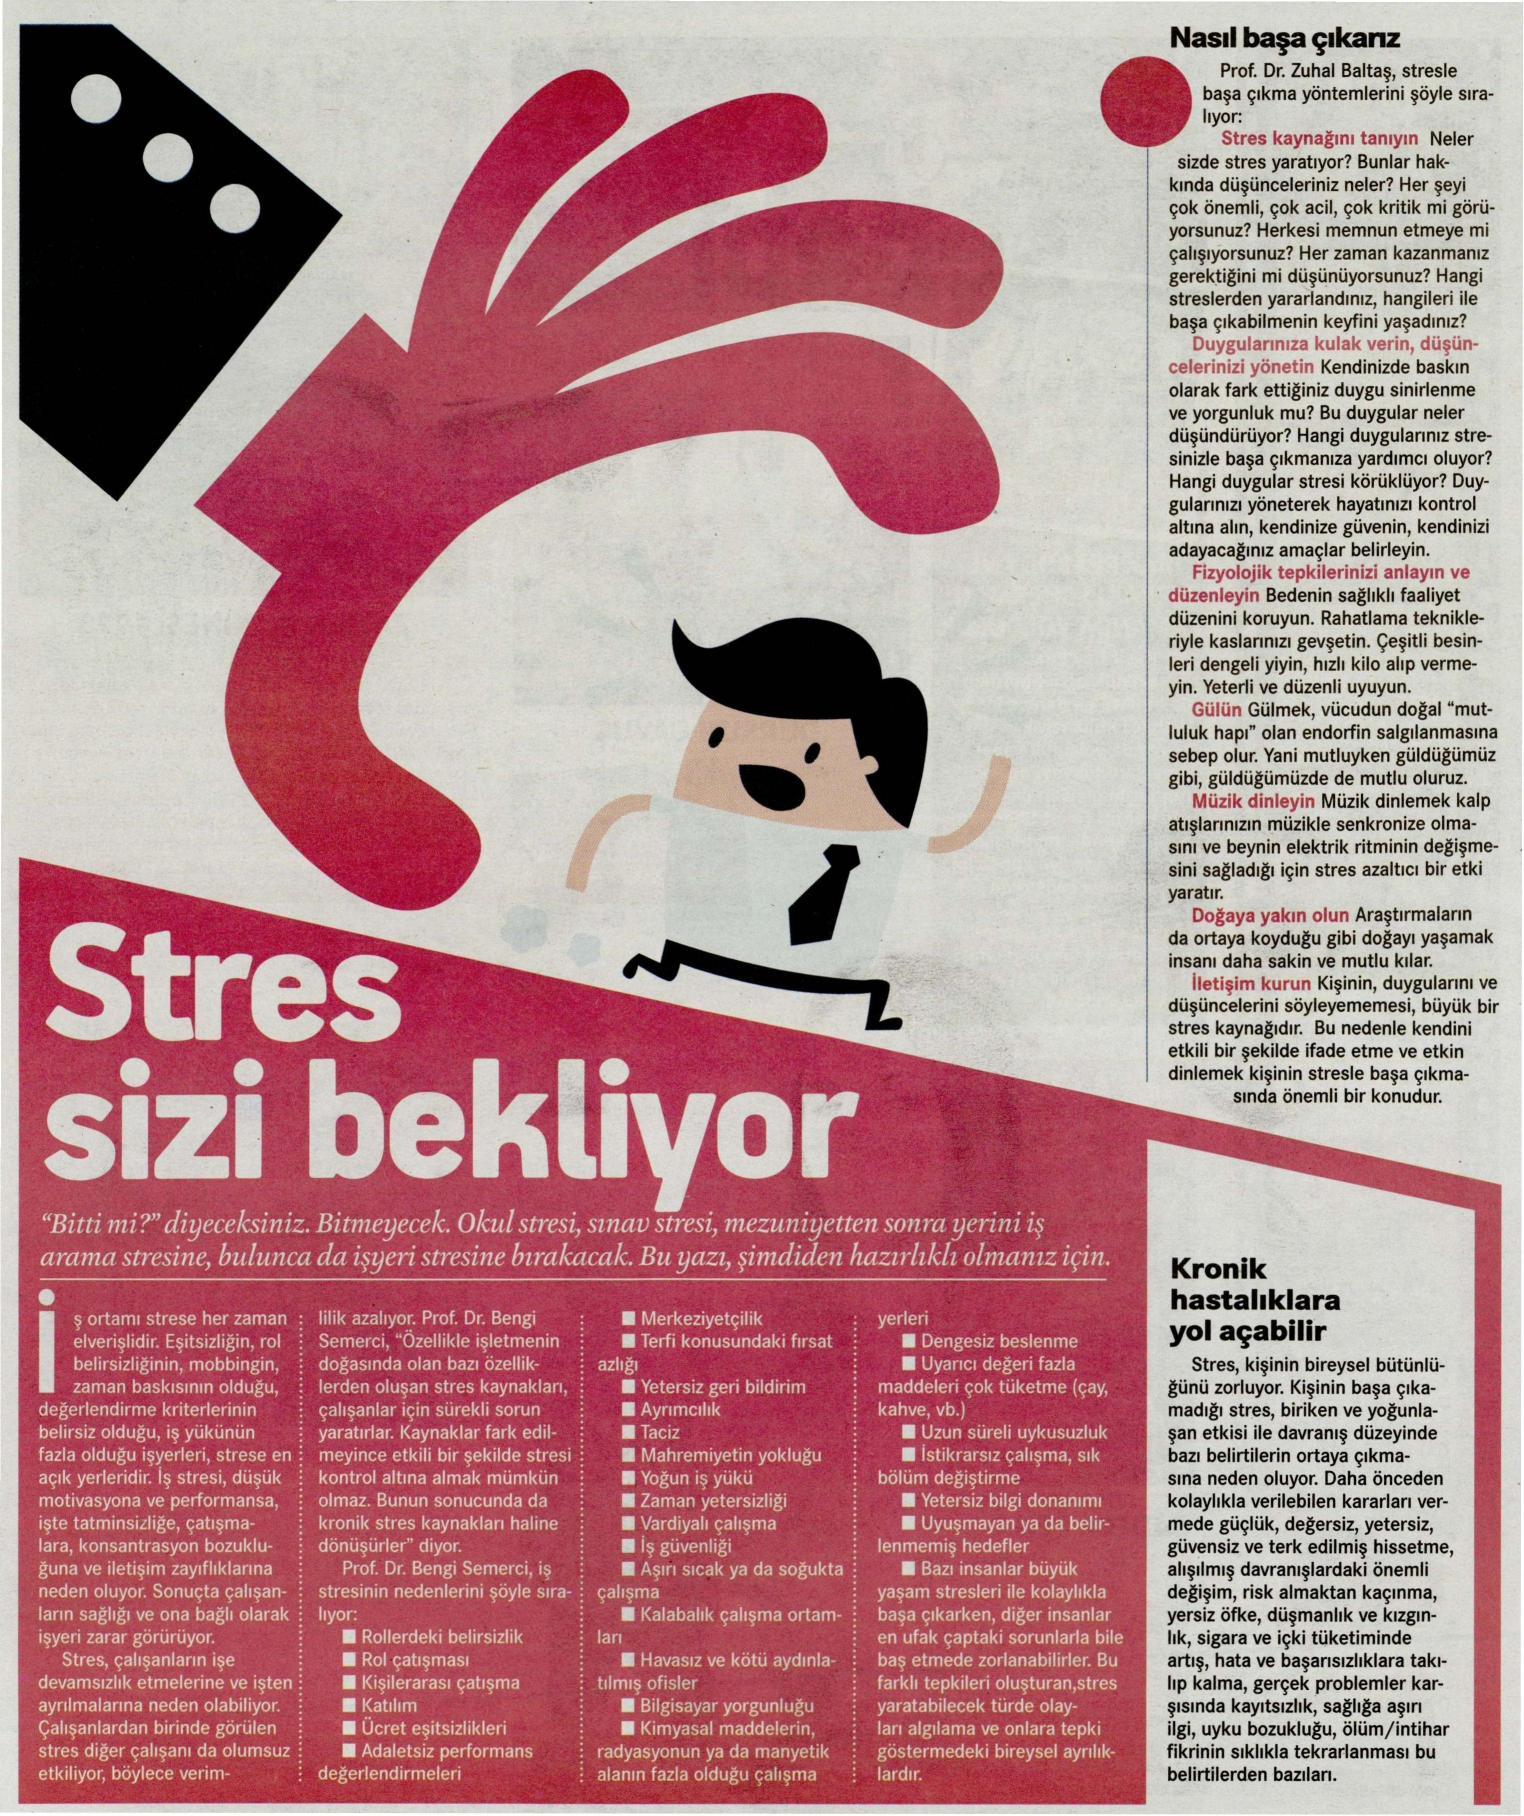 Stres sizi bekliyor - HÜRRİYET KAMPÜS14.03.2014